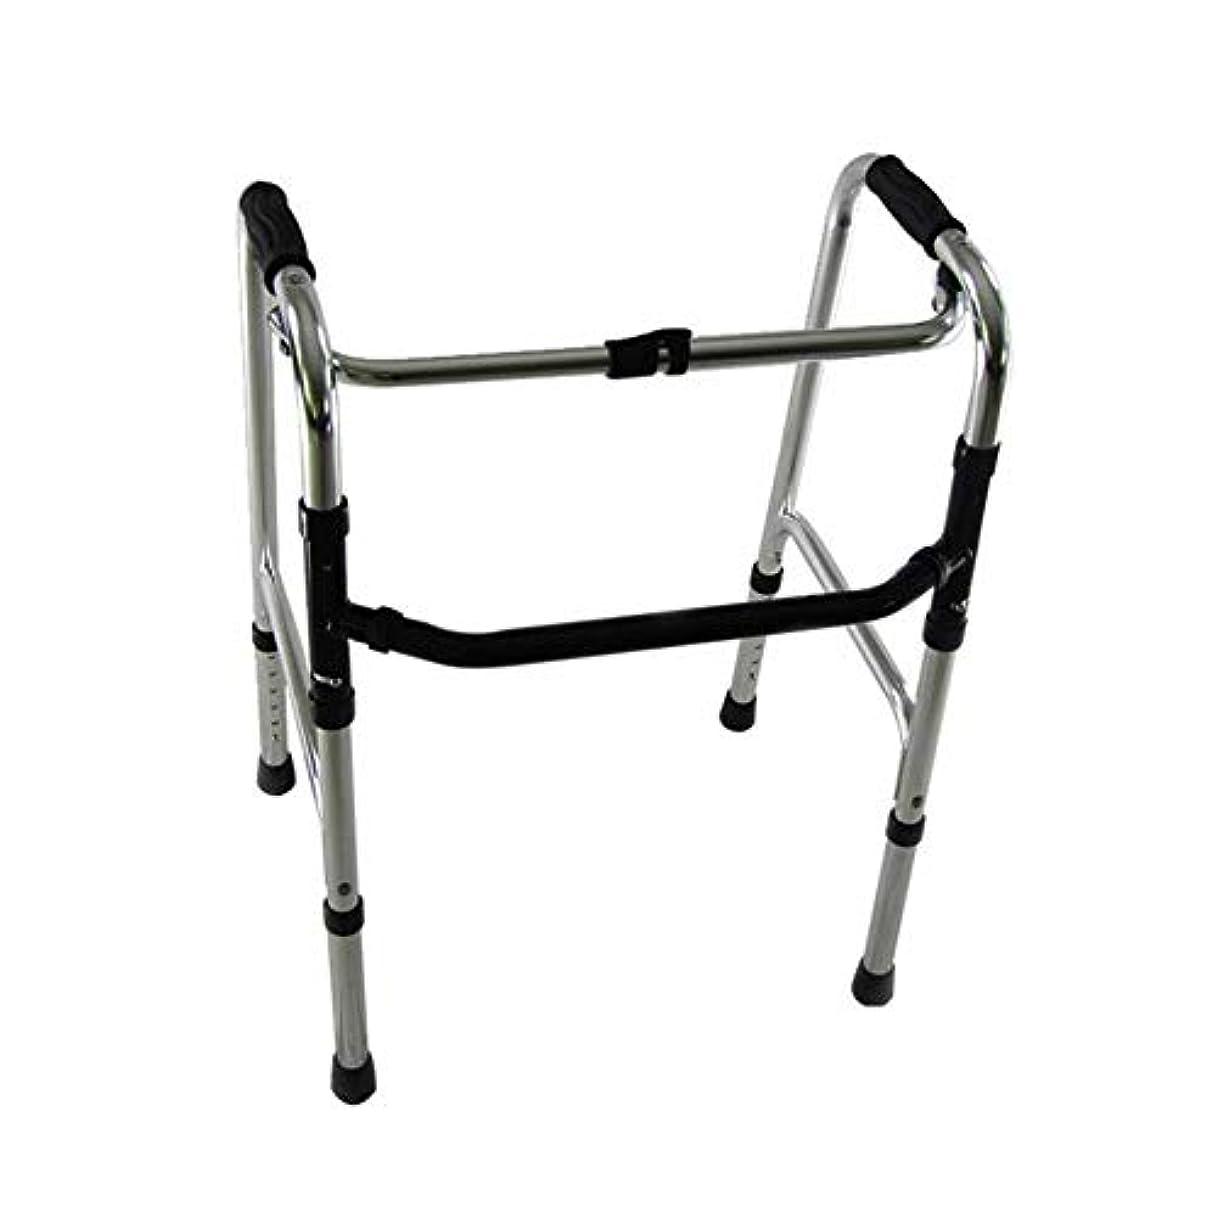 マダム免疫するメッシュ高齢者の障害者支援のために調整可能な軽量歩行フレーム折りたたみアルミニウムの高さ